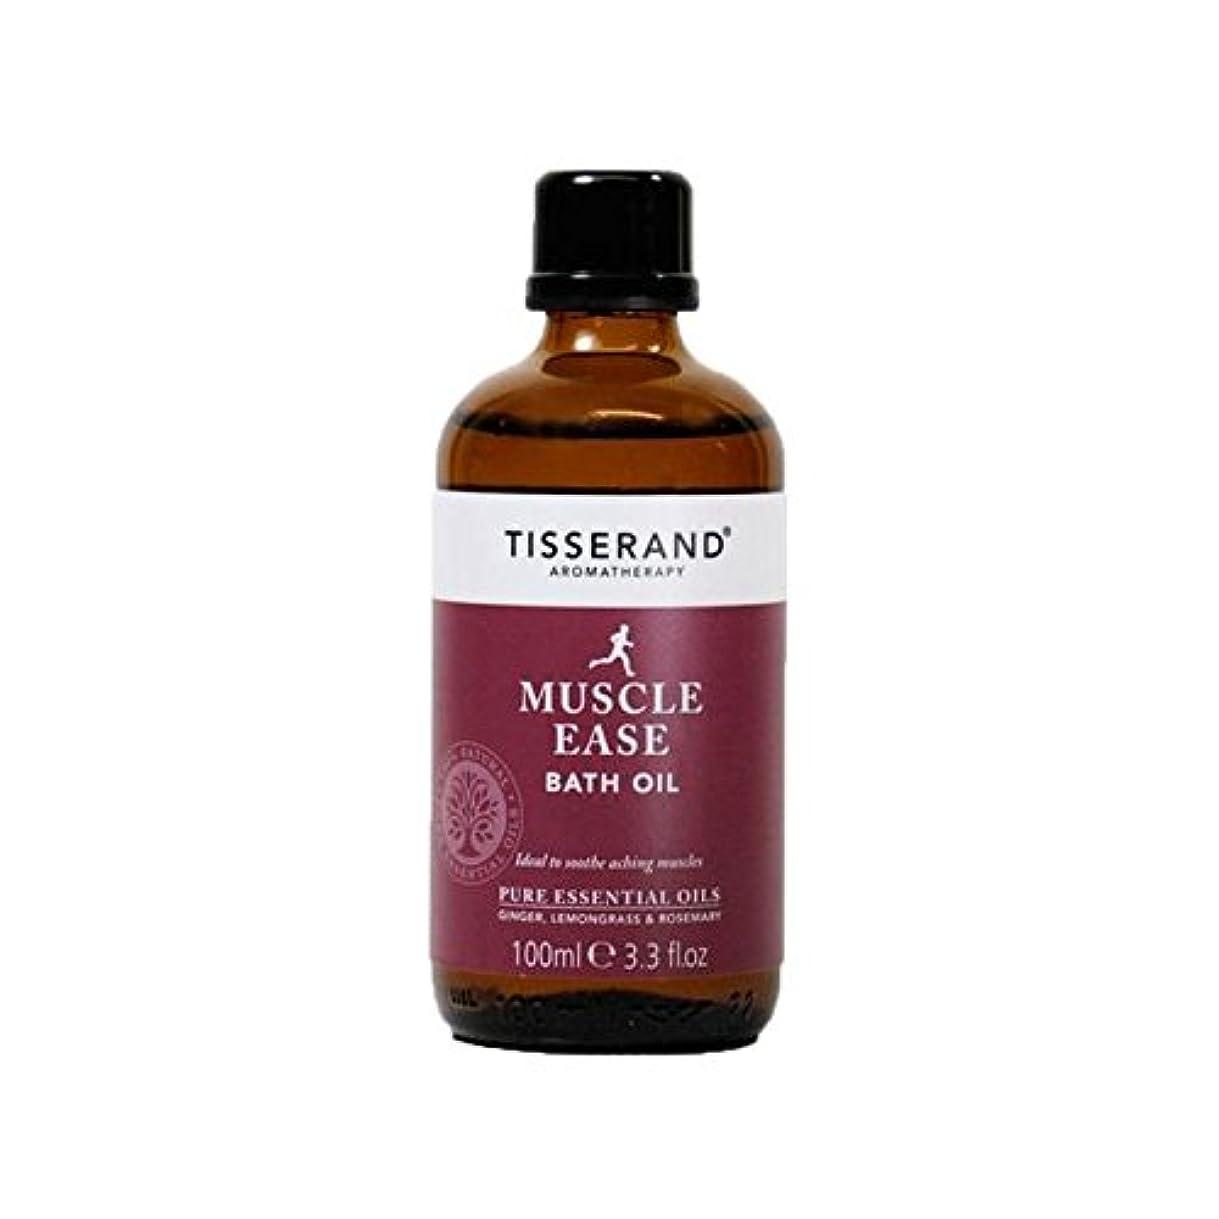 教室バスケットボール召喚するティスランド筋肉やすバスオイル100ミリリットル x2 - Tisserand Muscle Ease Bath Oil 100ml (Pack of 2) [並行輸入品]